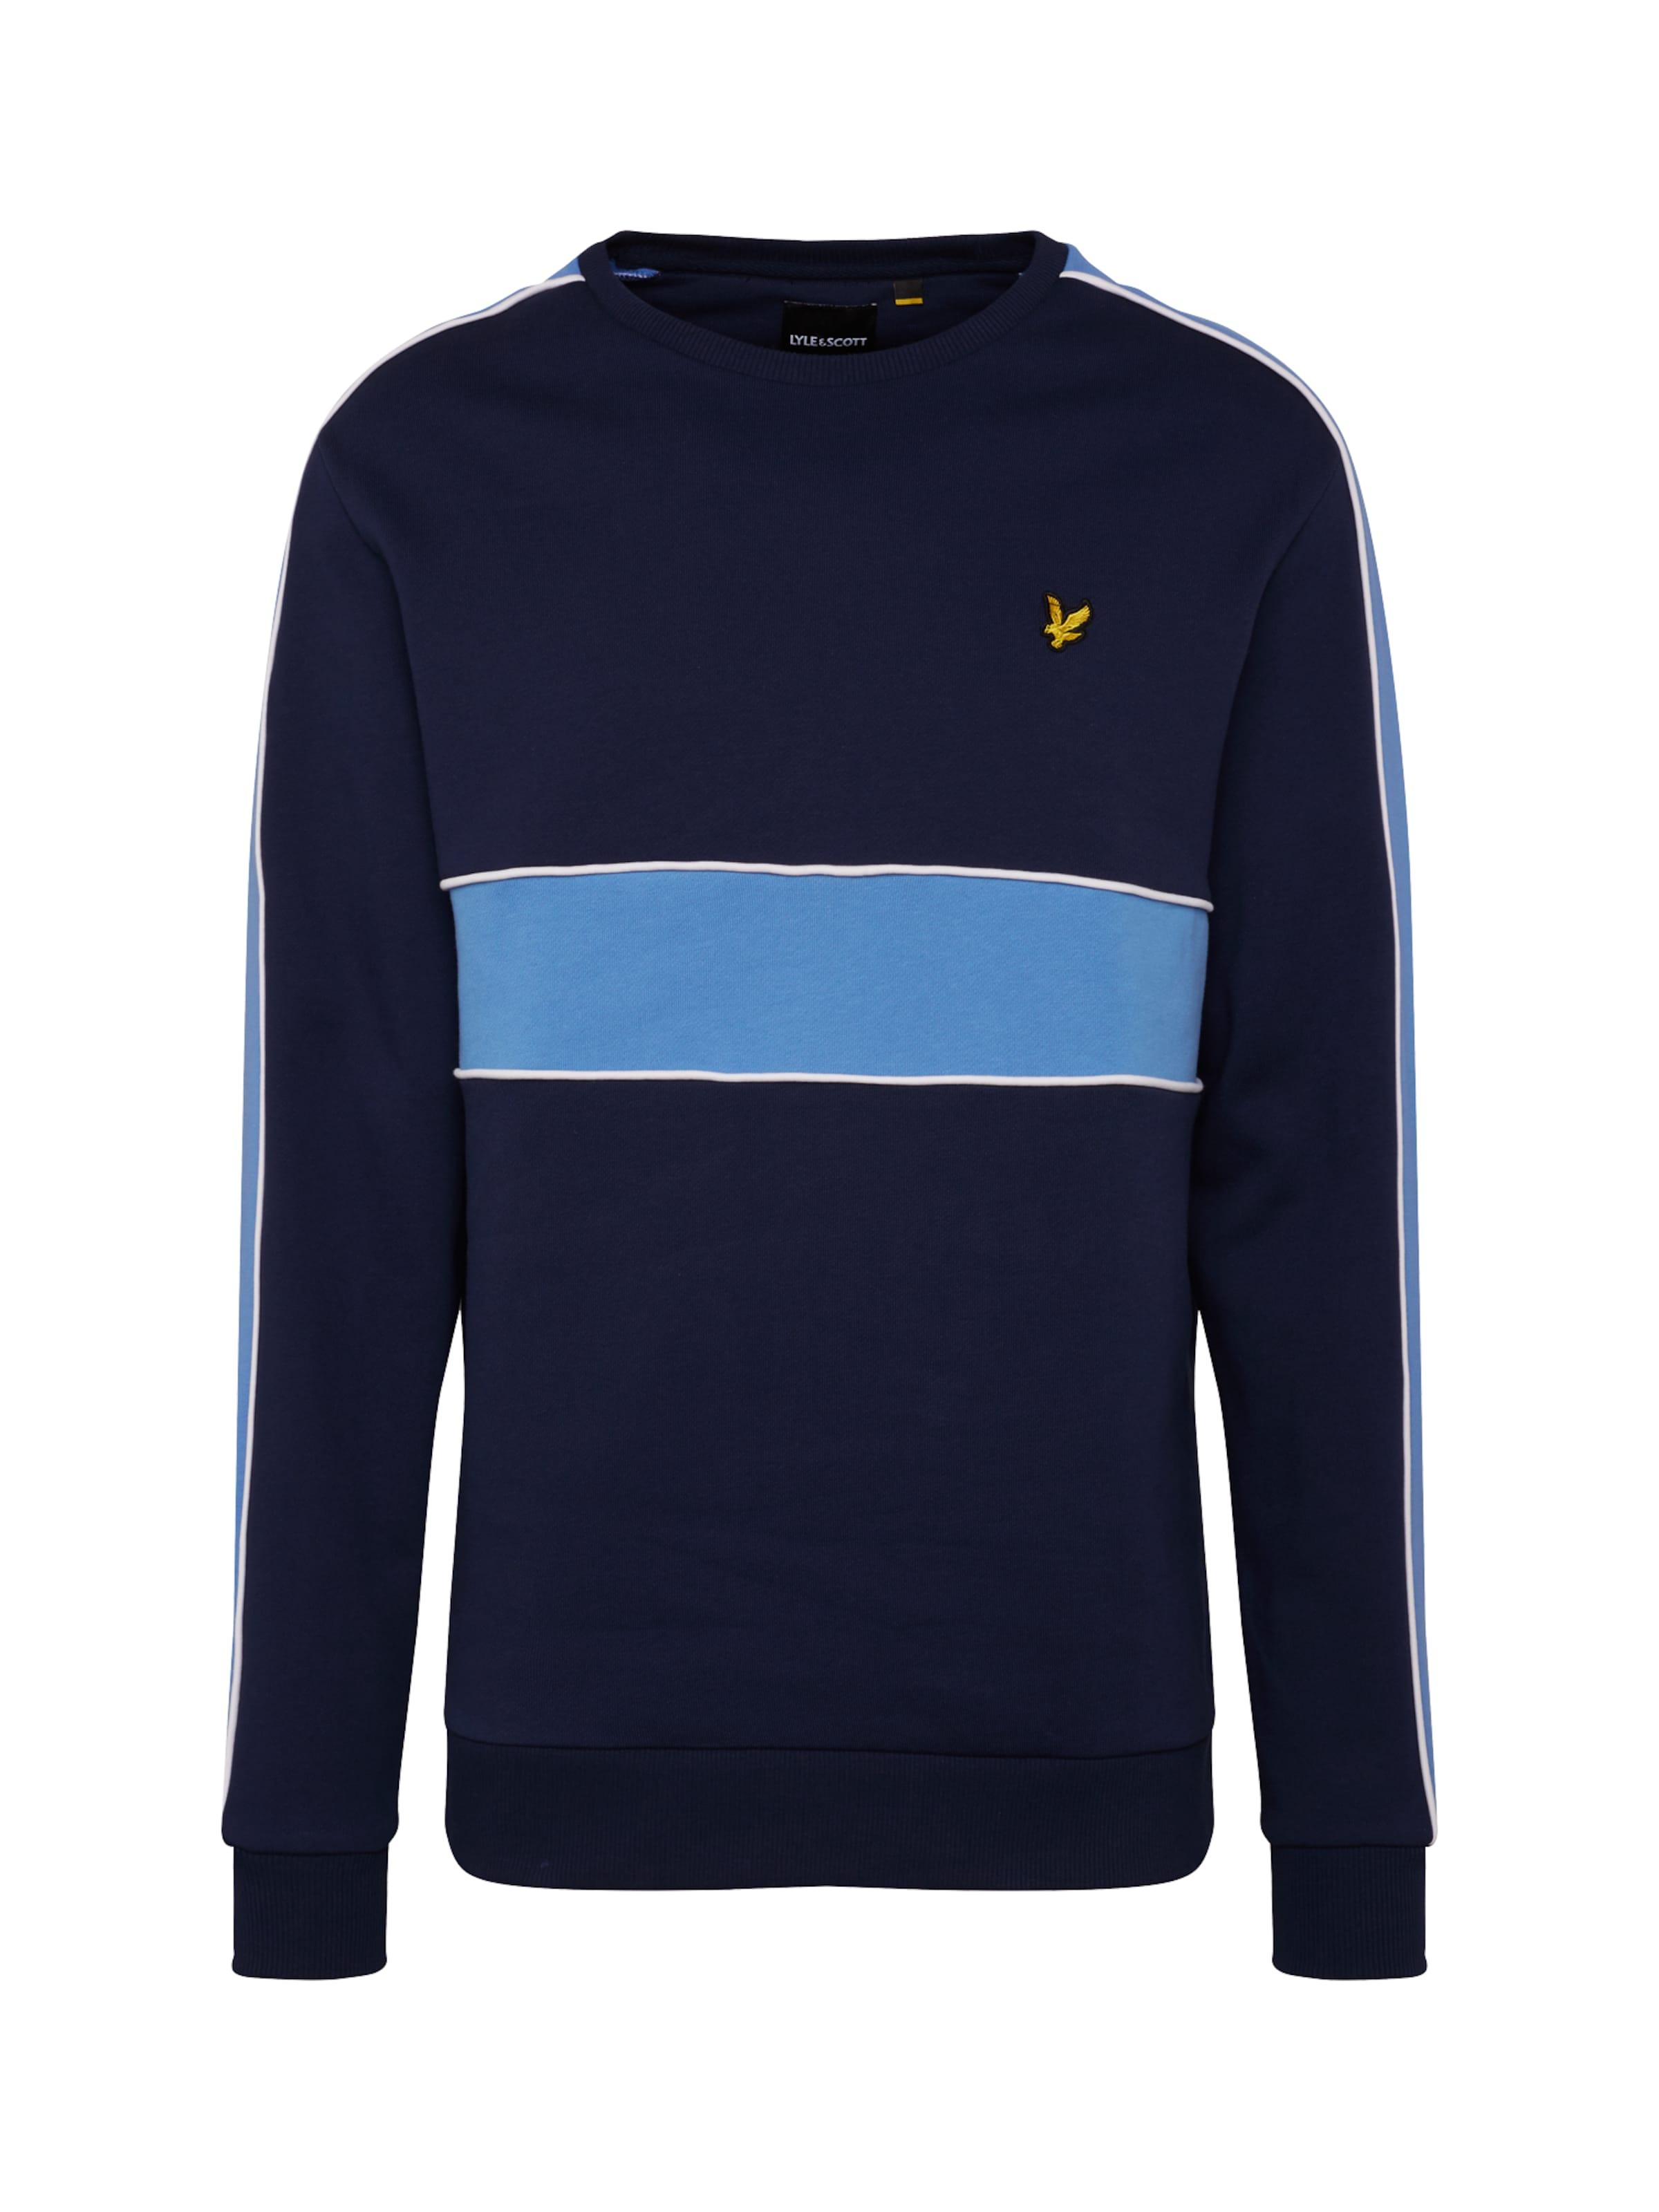 shirt Sew' 'cut En Scott Bleu Lyleamp; MarineClair Sweat uOPkiXZ